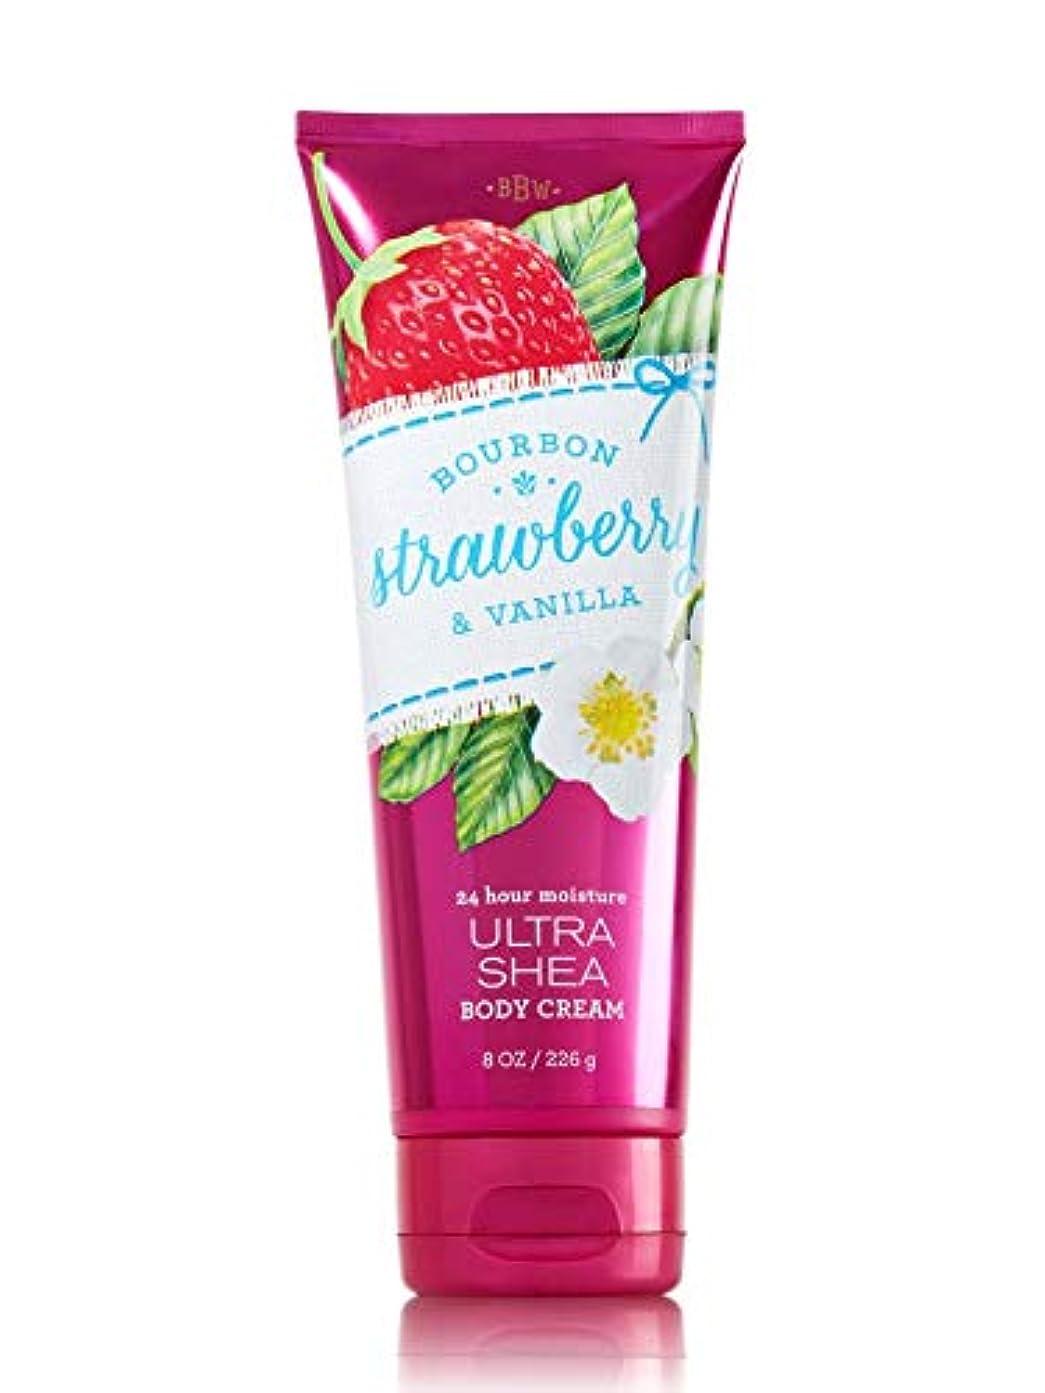 最悪モザイク勝者【Bath&Body Works/バス&ボディワークス】 ボディクリーム ブルボンストロベリー&バニラ Body Cream Bourbon Strawberry & Vanilla 8 oz / 226 g [並行輸入品]